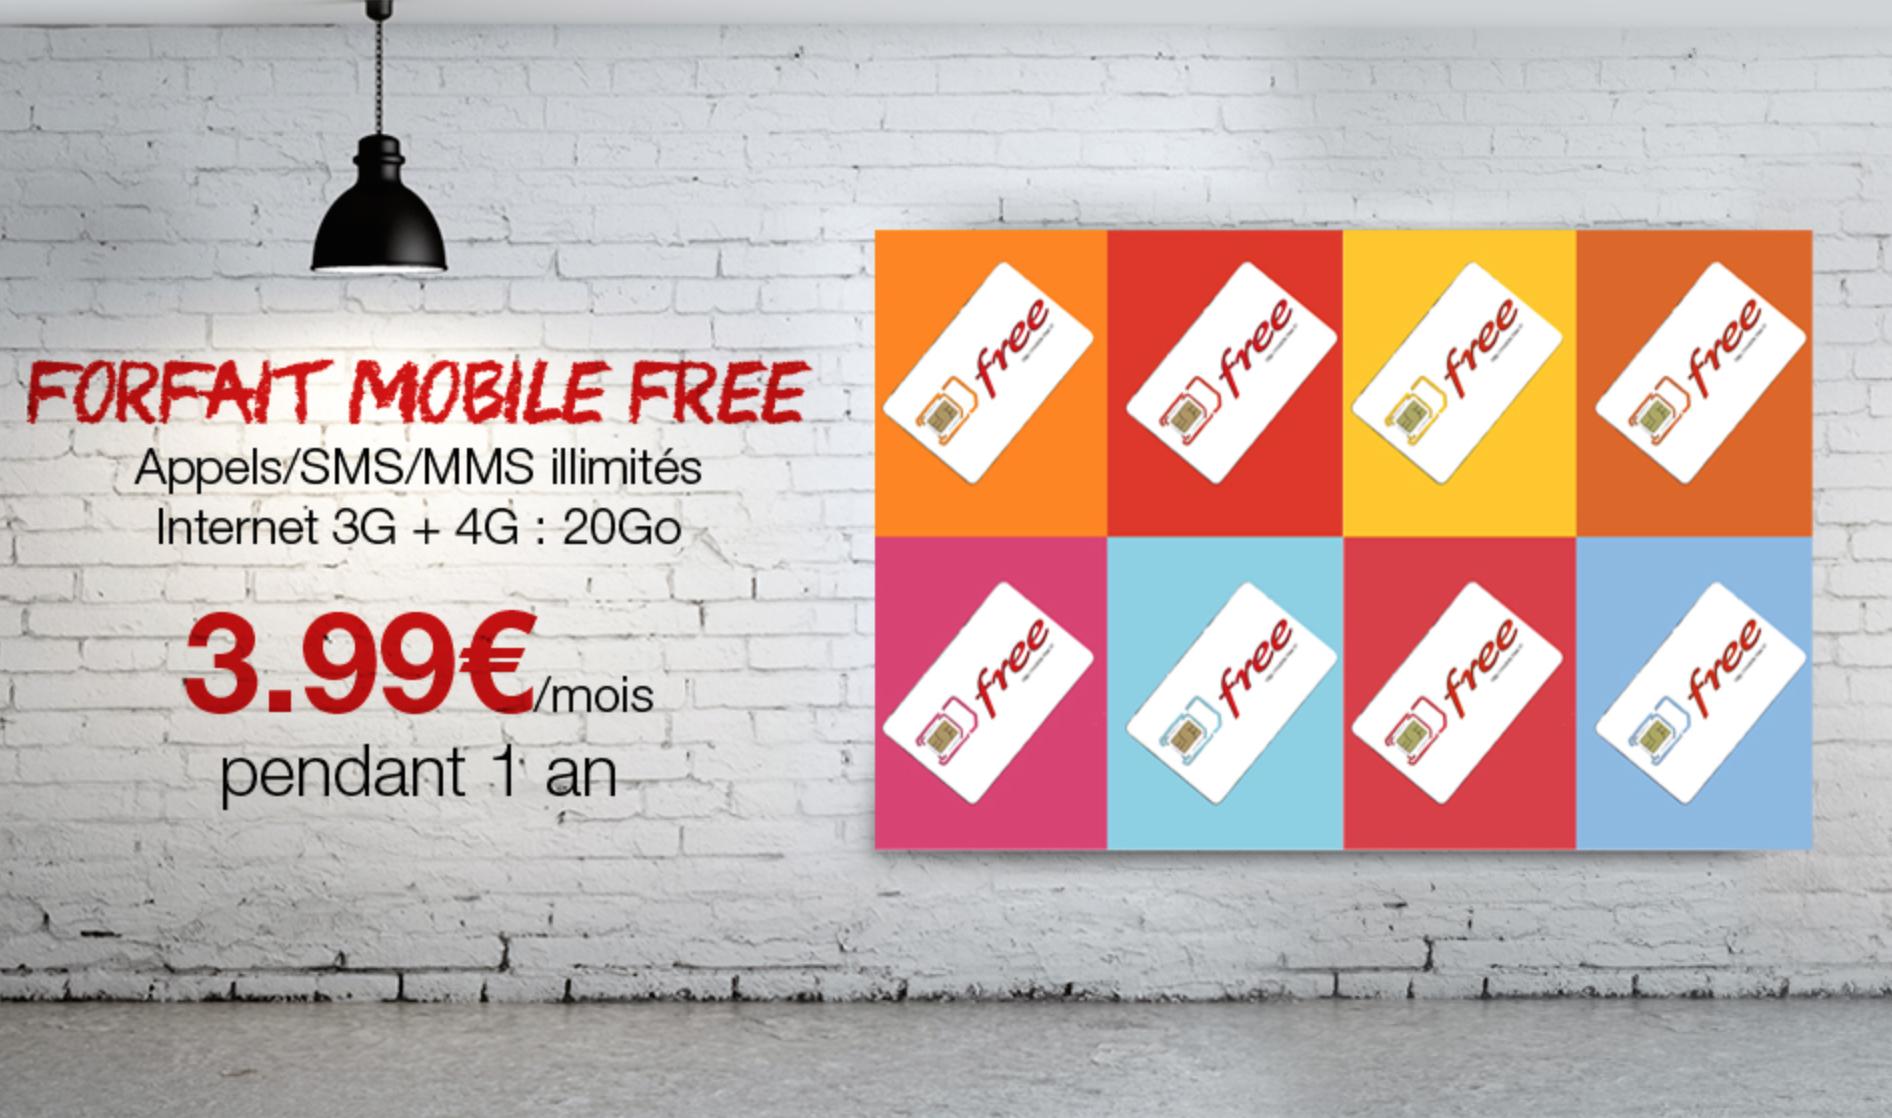 le forfait free mobile 3 99 mois pendant un an sur vente priv e. Black Bedroom Furniture Sets. Home Design Ideas